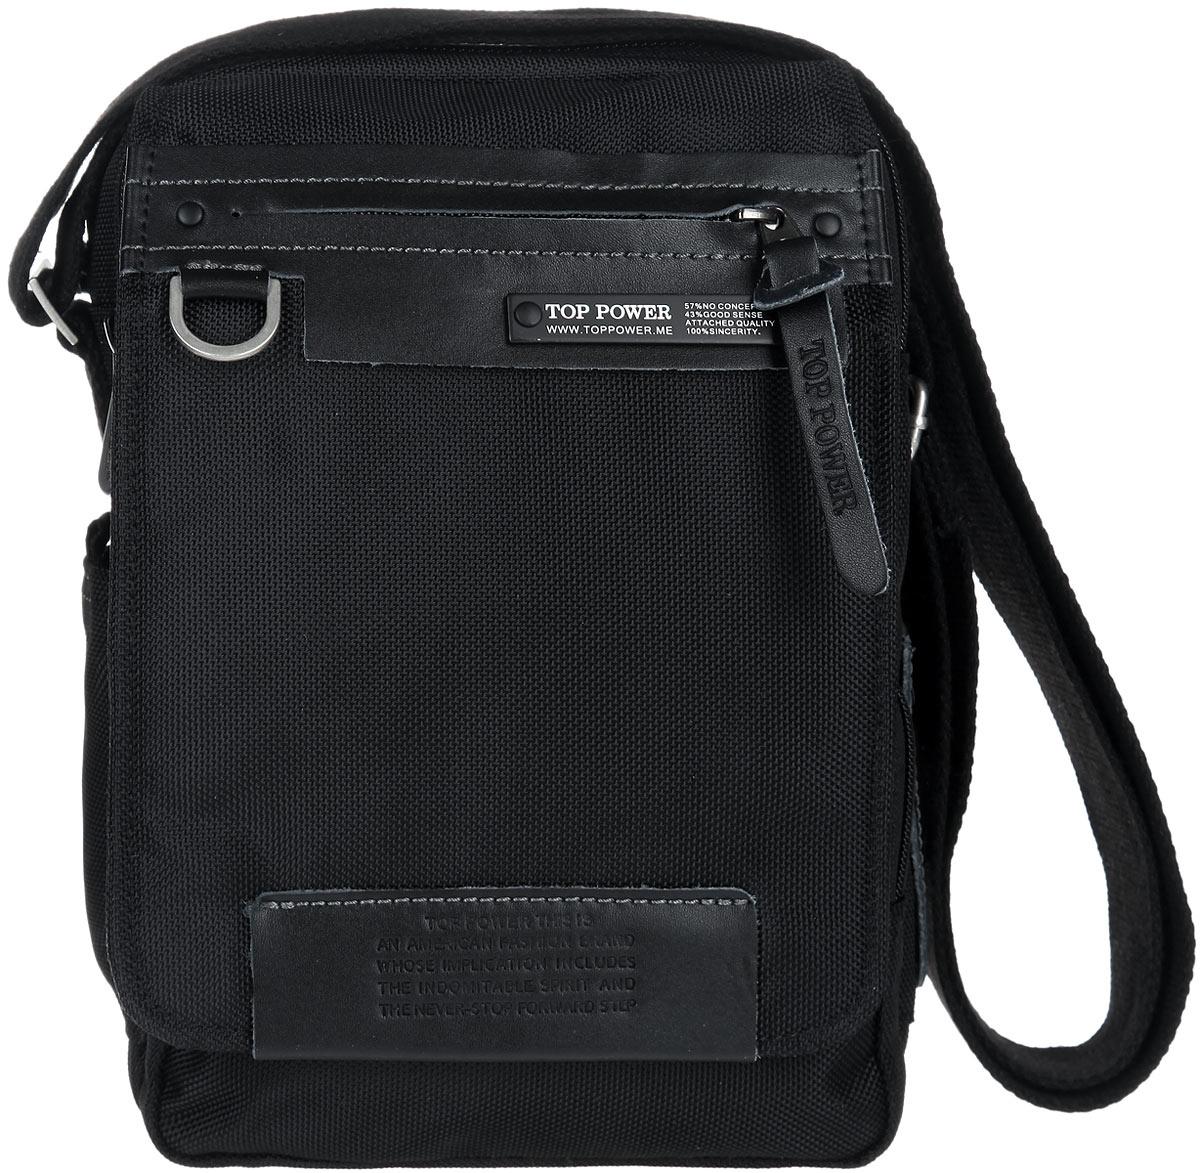 297d3892d3df Сумка-планшет мужская Top Power, цвет: черный. 640 TP — купить в  интернет-магазине OZON.ru с быстрой доставкой